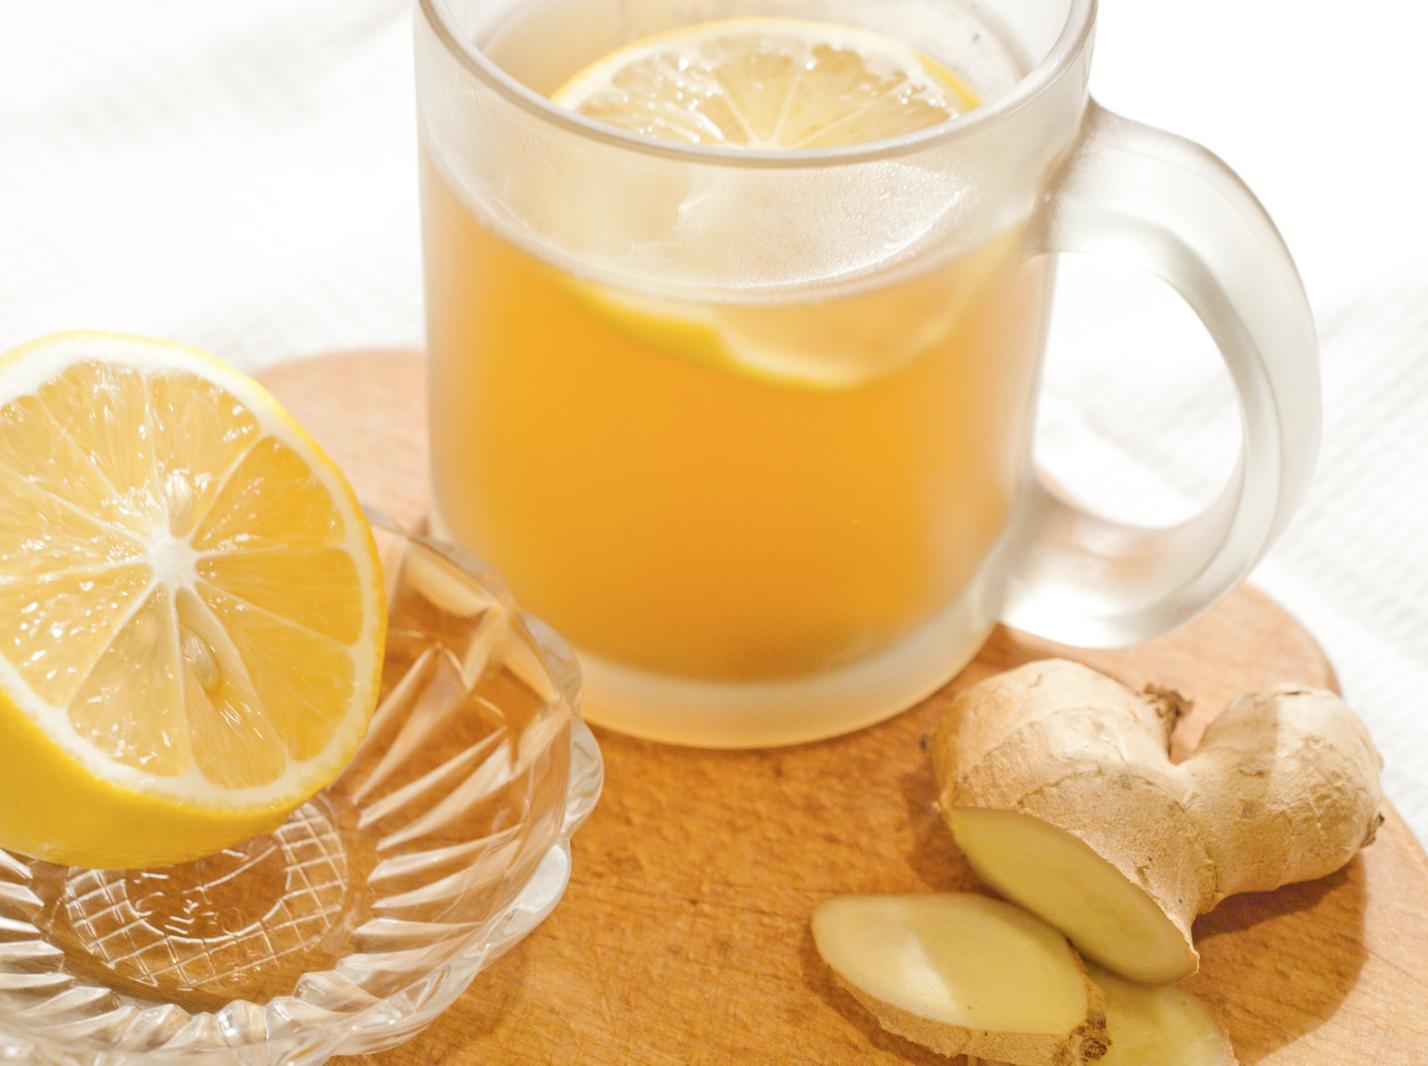 Напитки Чаи Для Похудения. 12 напитков для похудения: проверено, работают